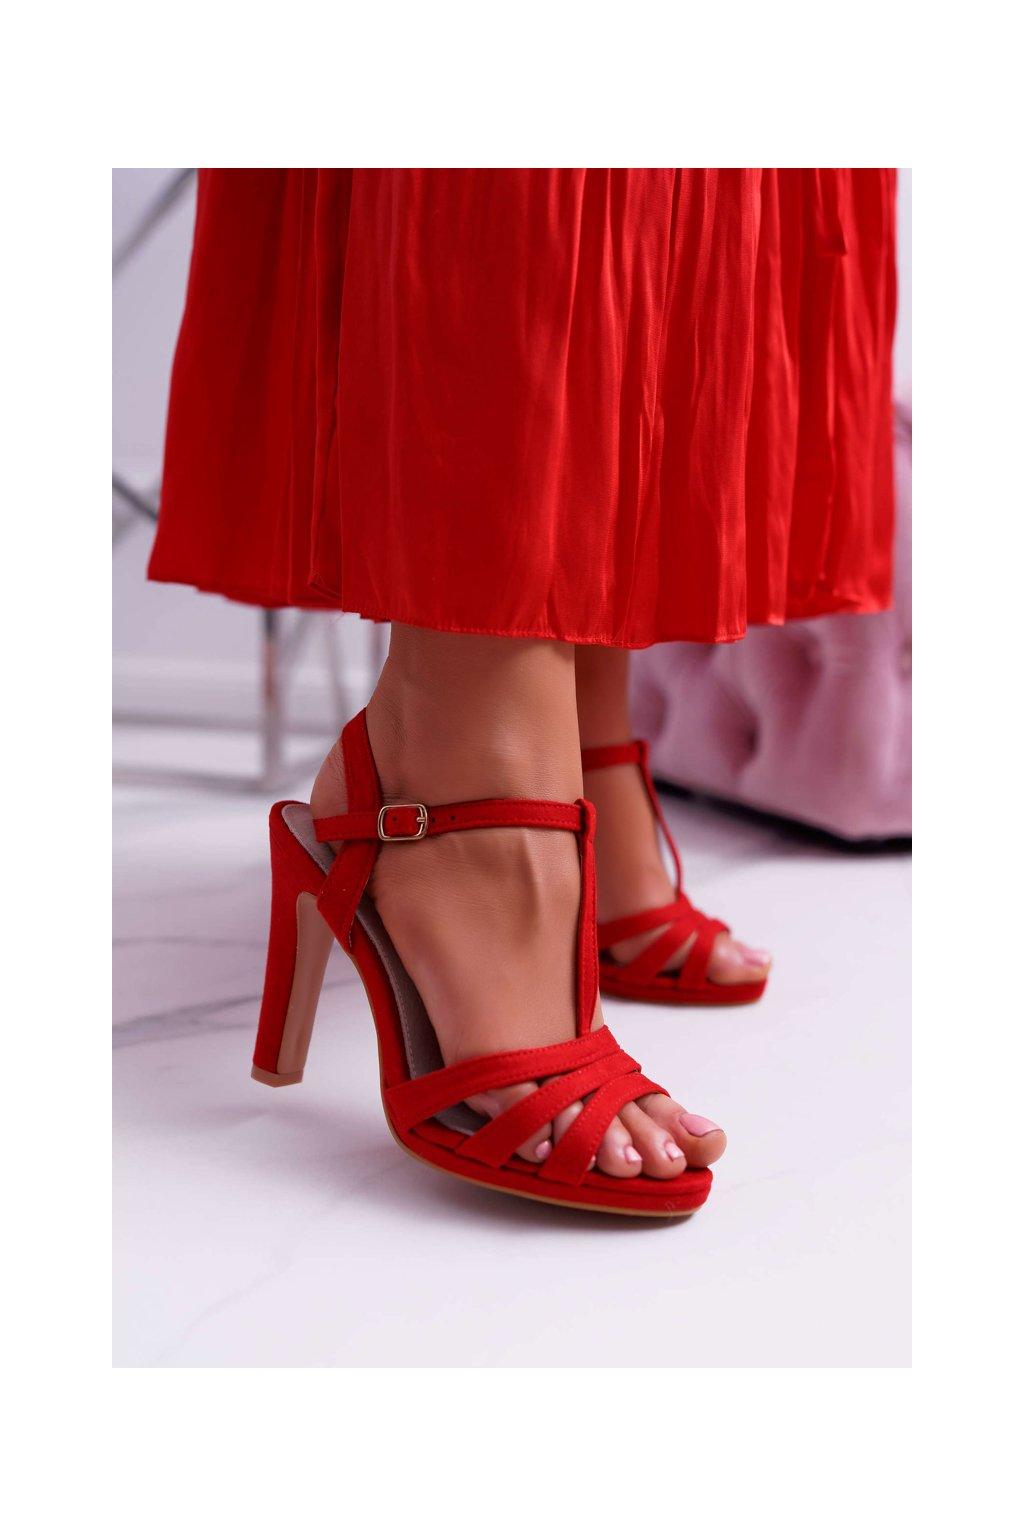 Dámske Sandále červené Silela